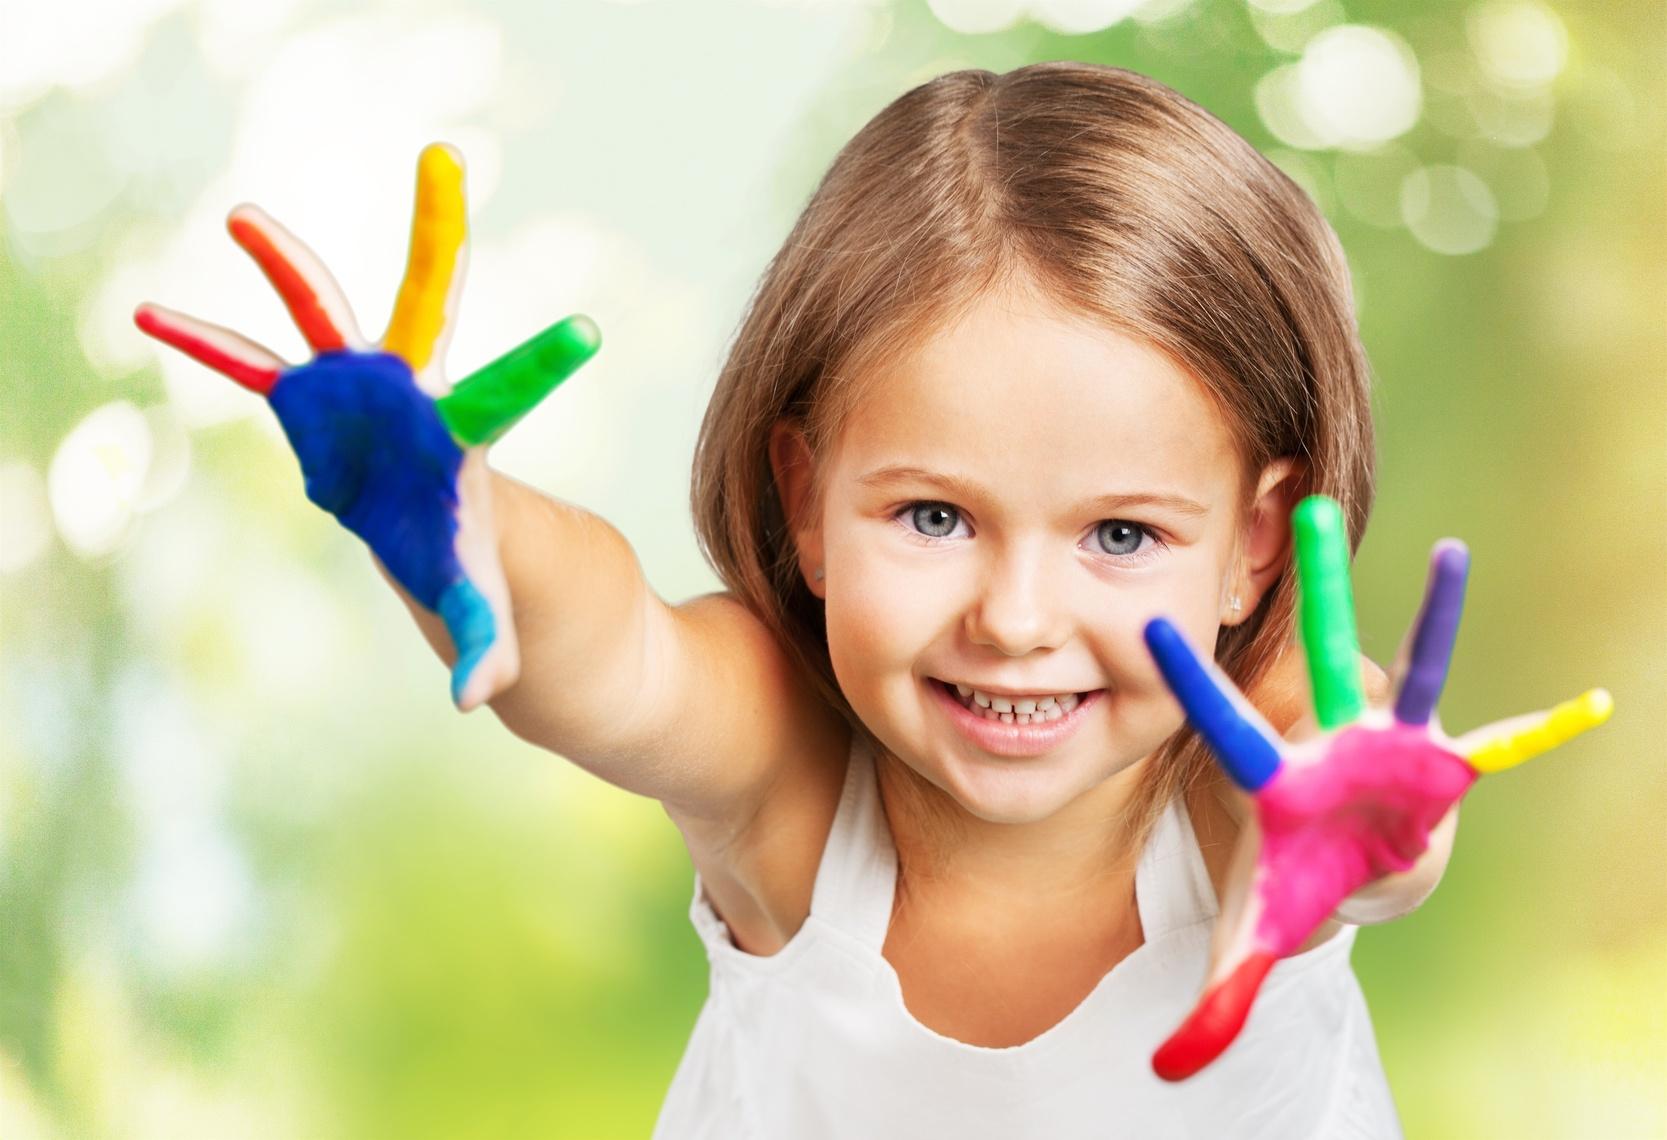 11 Jeux Pour Les Enfants De Moins De 3 Ans | Redcross-Edu à Jeux Enfant De 3 Ans